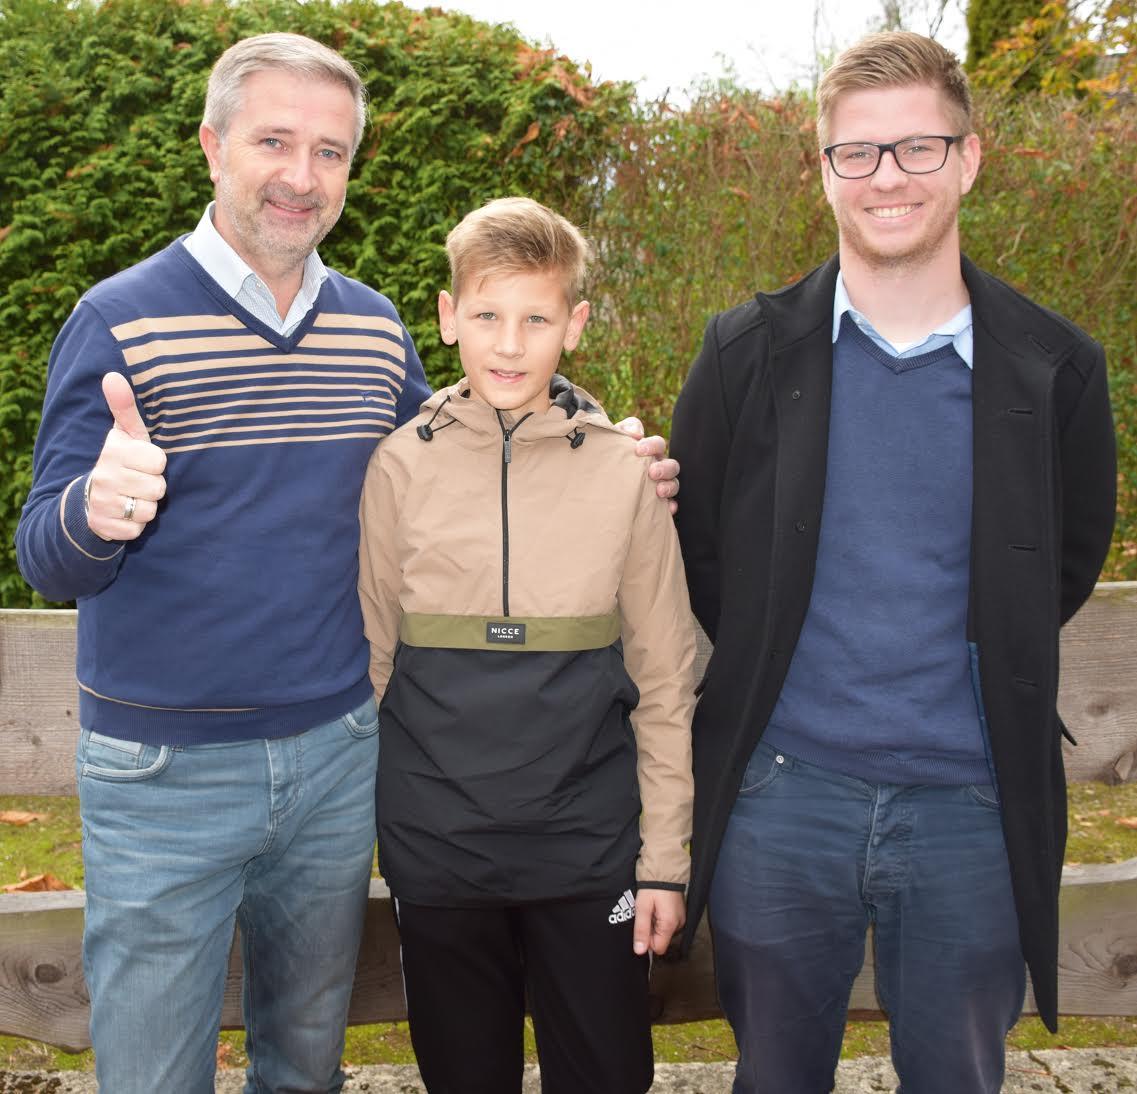 Prüfungsbester Paul Philipp Makowski eingerahmt mit KSO Marcin Kuczera und KSL Nils Schmidt